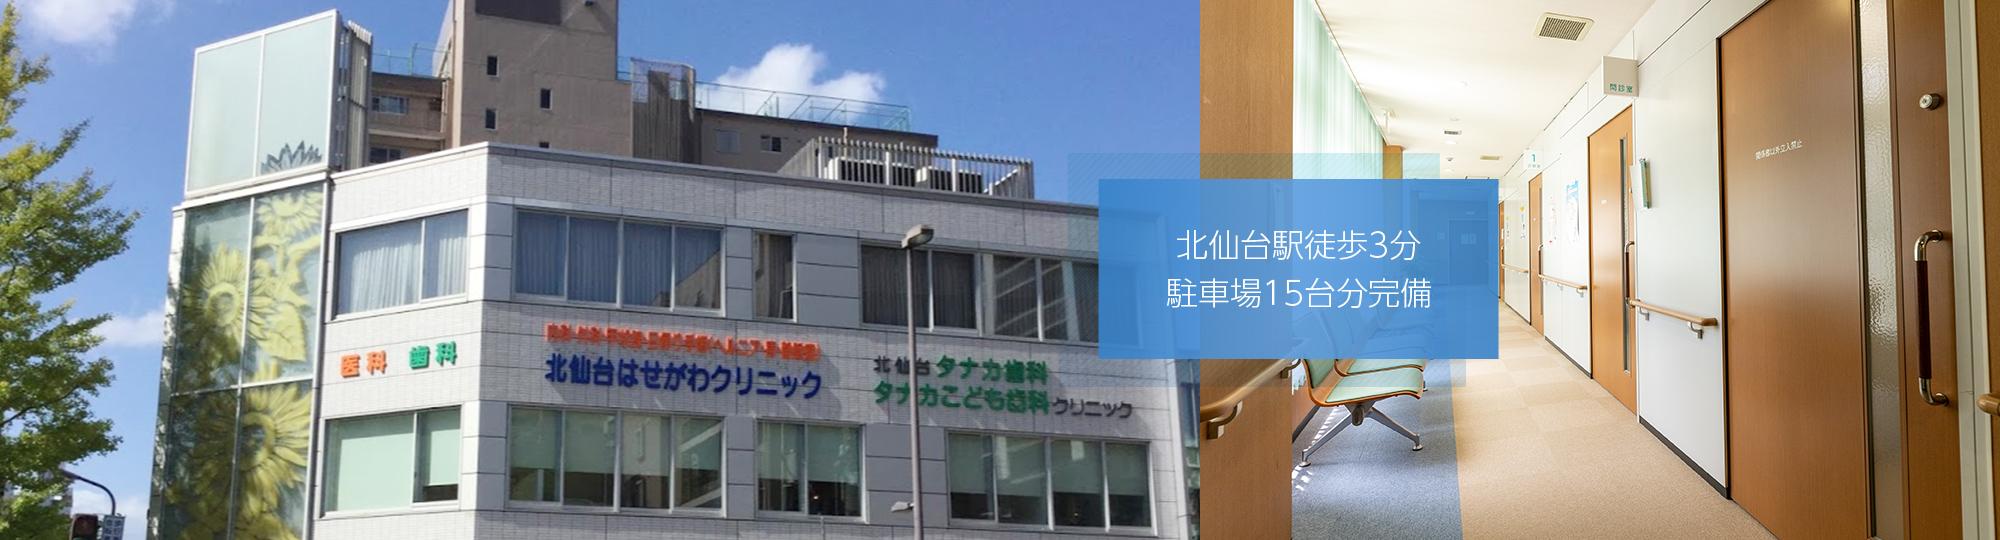 北仙台駅徒歩3分駐車場15台分完備